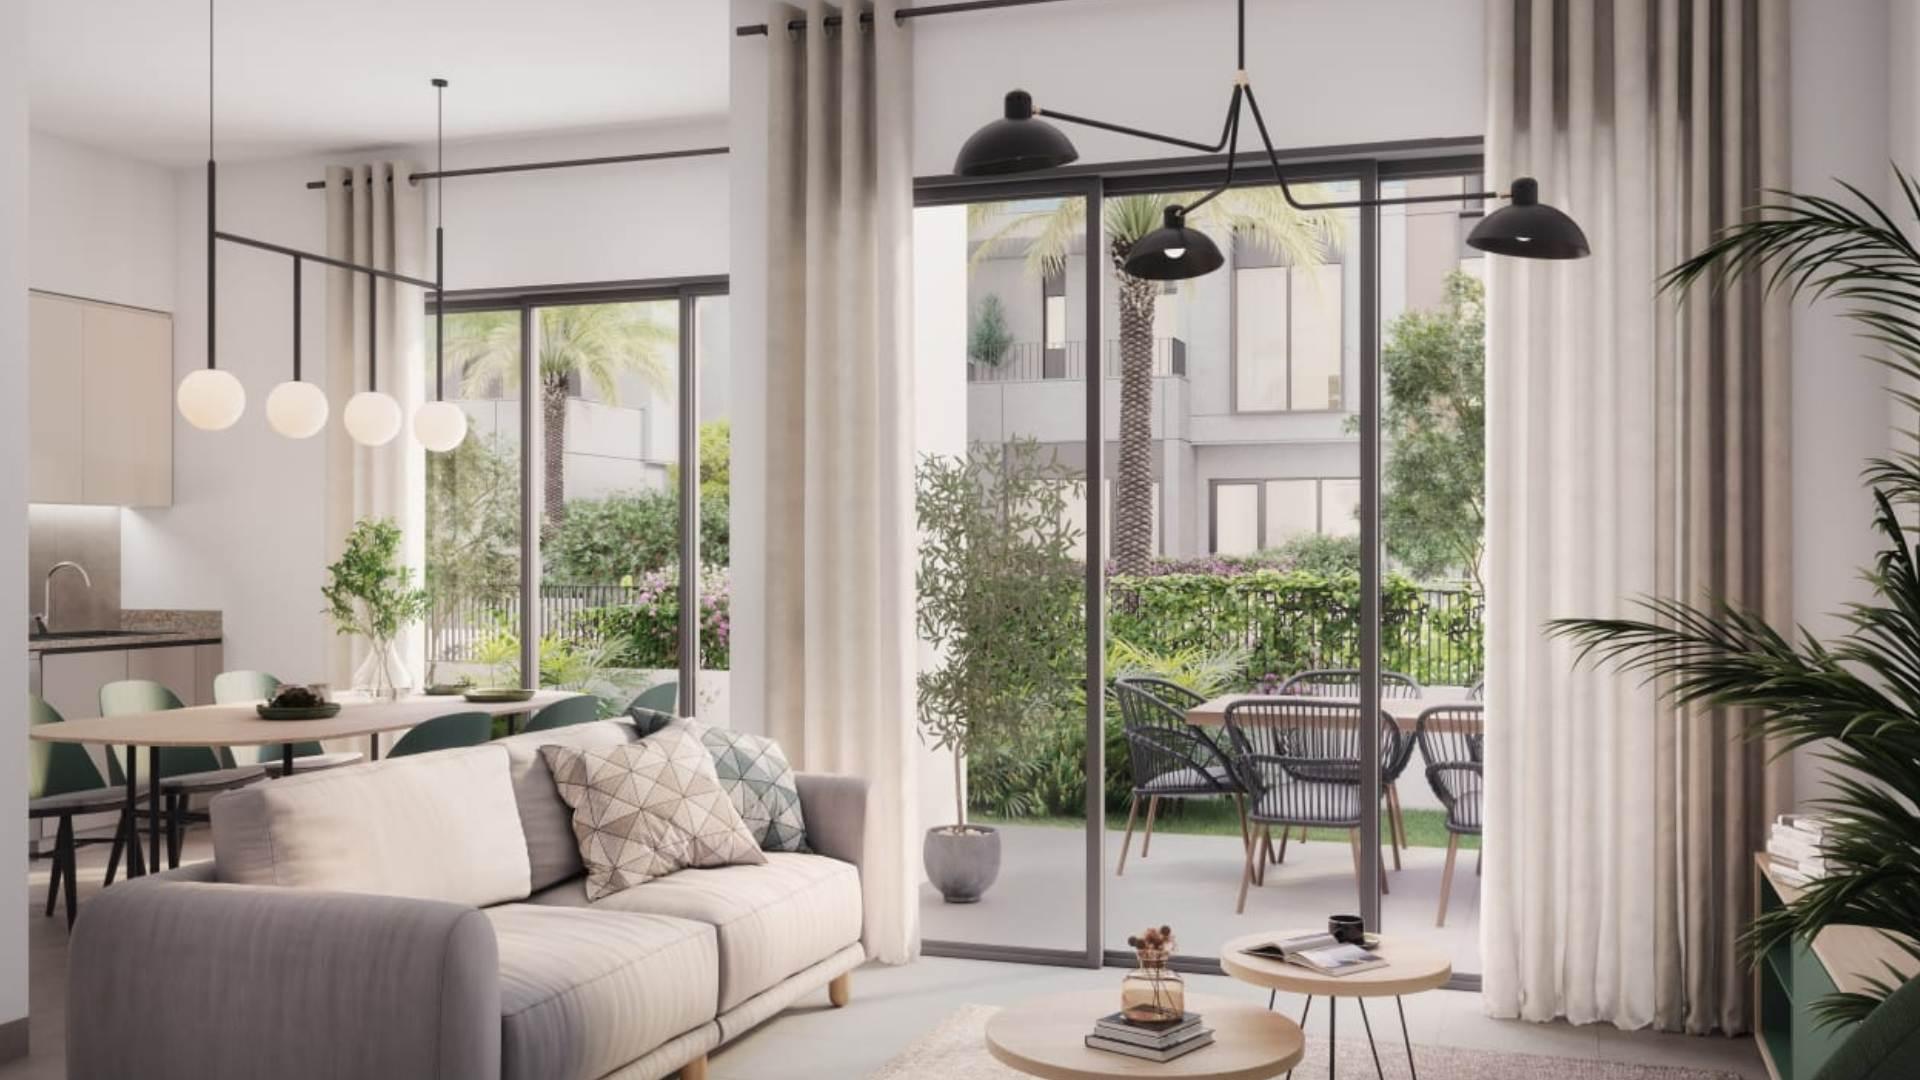 Villa en venta en Dubai, EAU, 3 dormitorios, 193 m2, № 24247 – foto 5